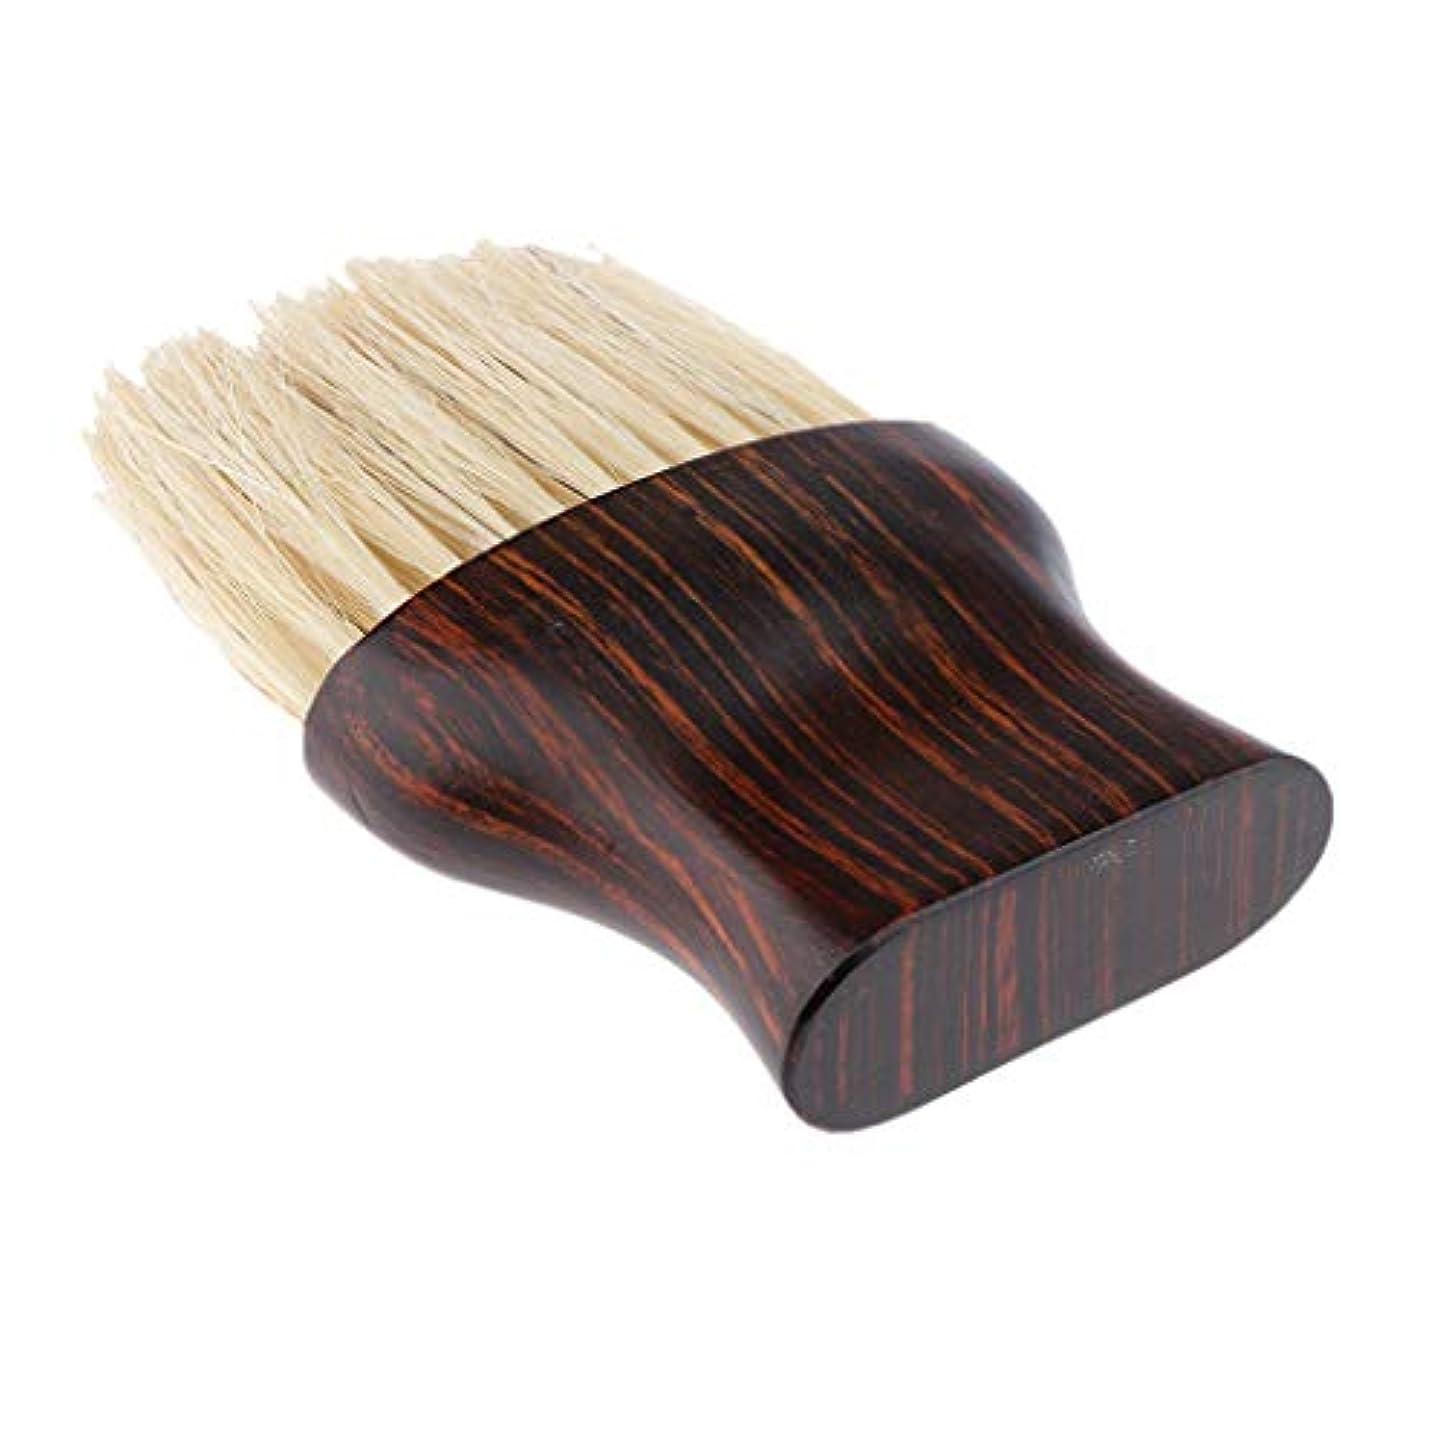 偽善者ローマ人通常毛払いブラシ ヘアブラシ 繊維毛 散髪 髪切り 散髪用ツール 床屋 理髪店 美容院 ソフトブラシ